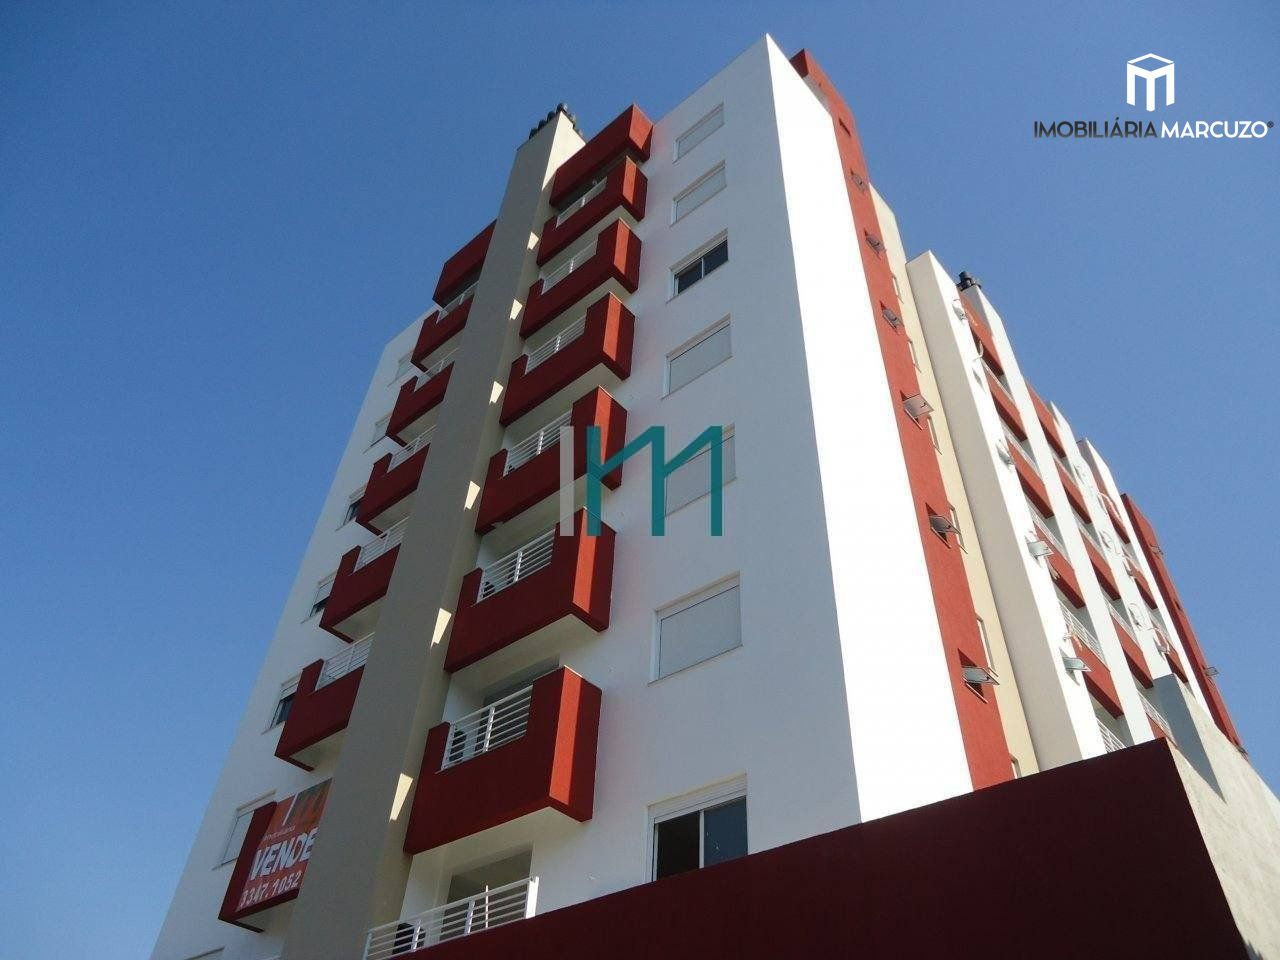 Cobertura com 3 Dormitórios à venda, 142 m² por R$ 680.000,00